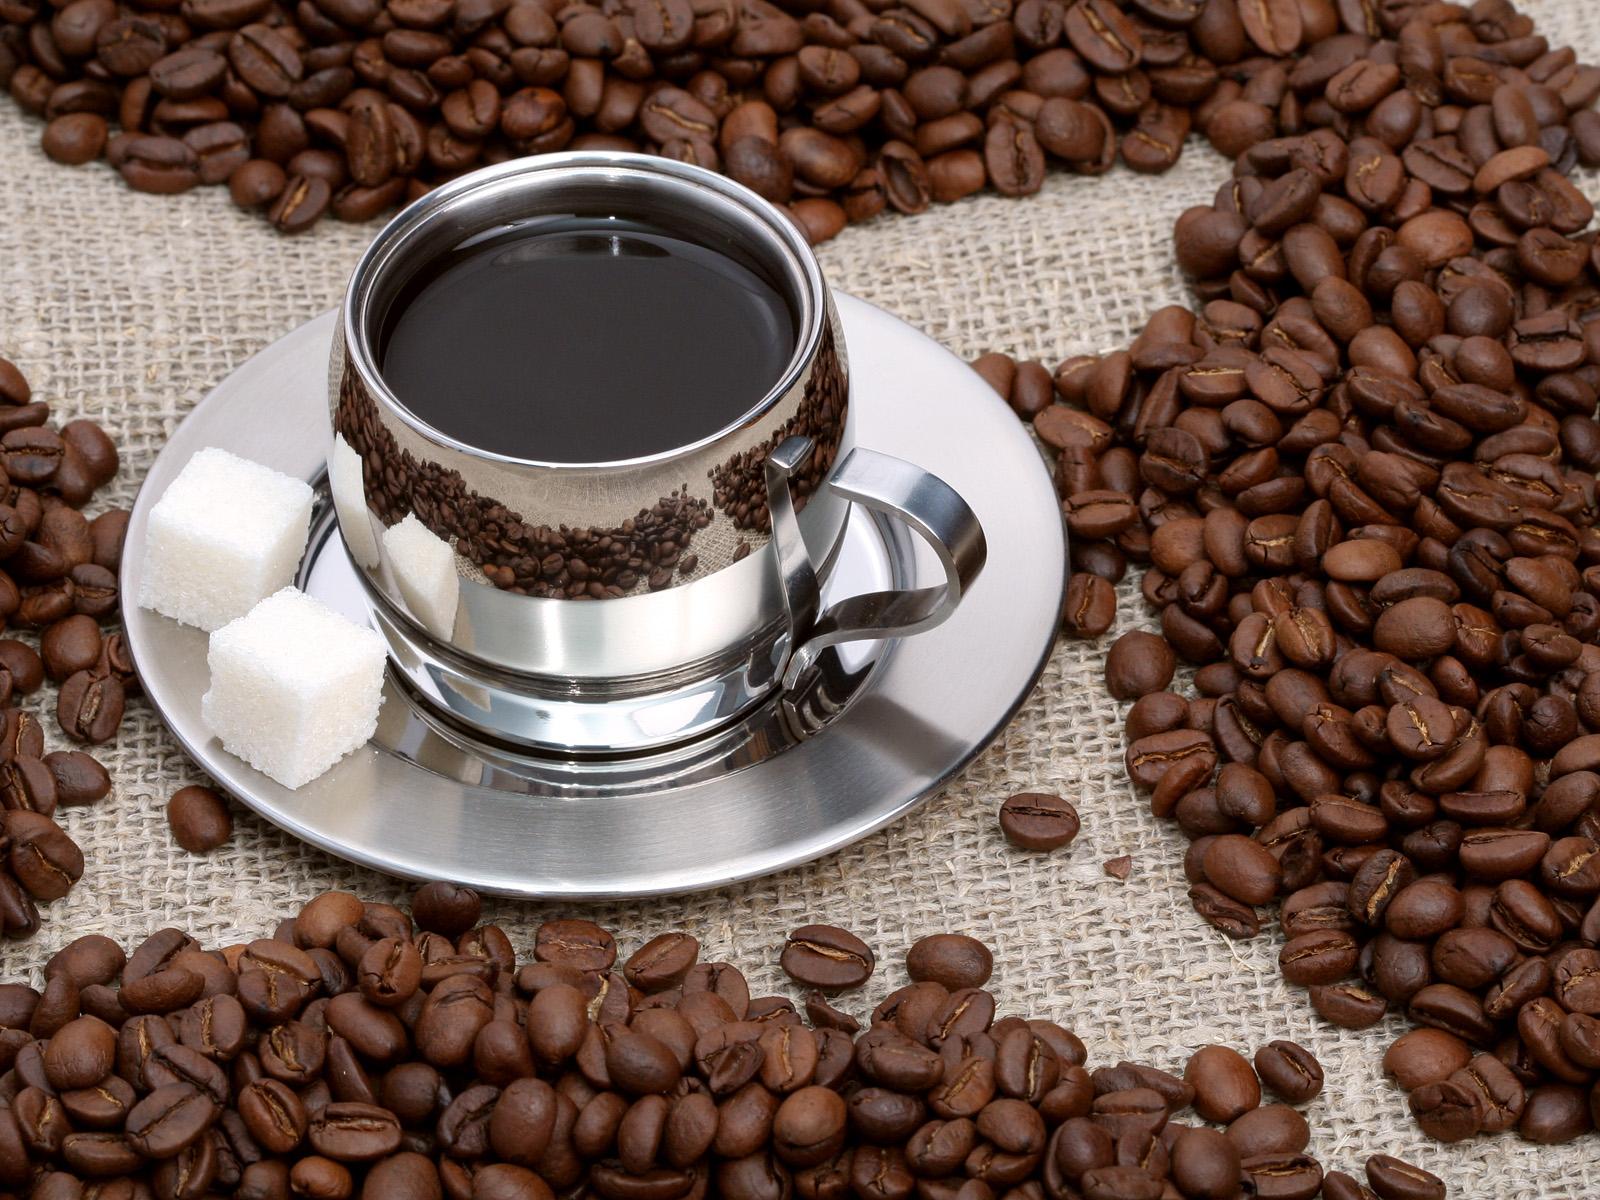 什么时候喝咖啡最提神?